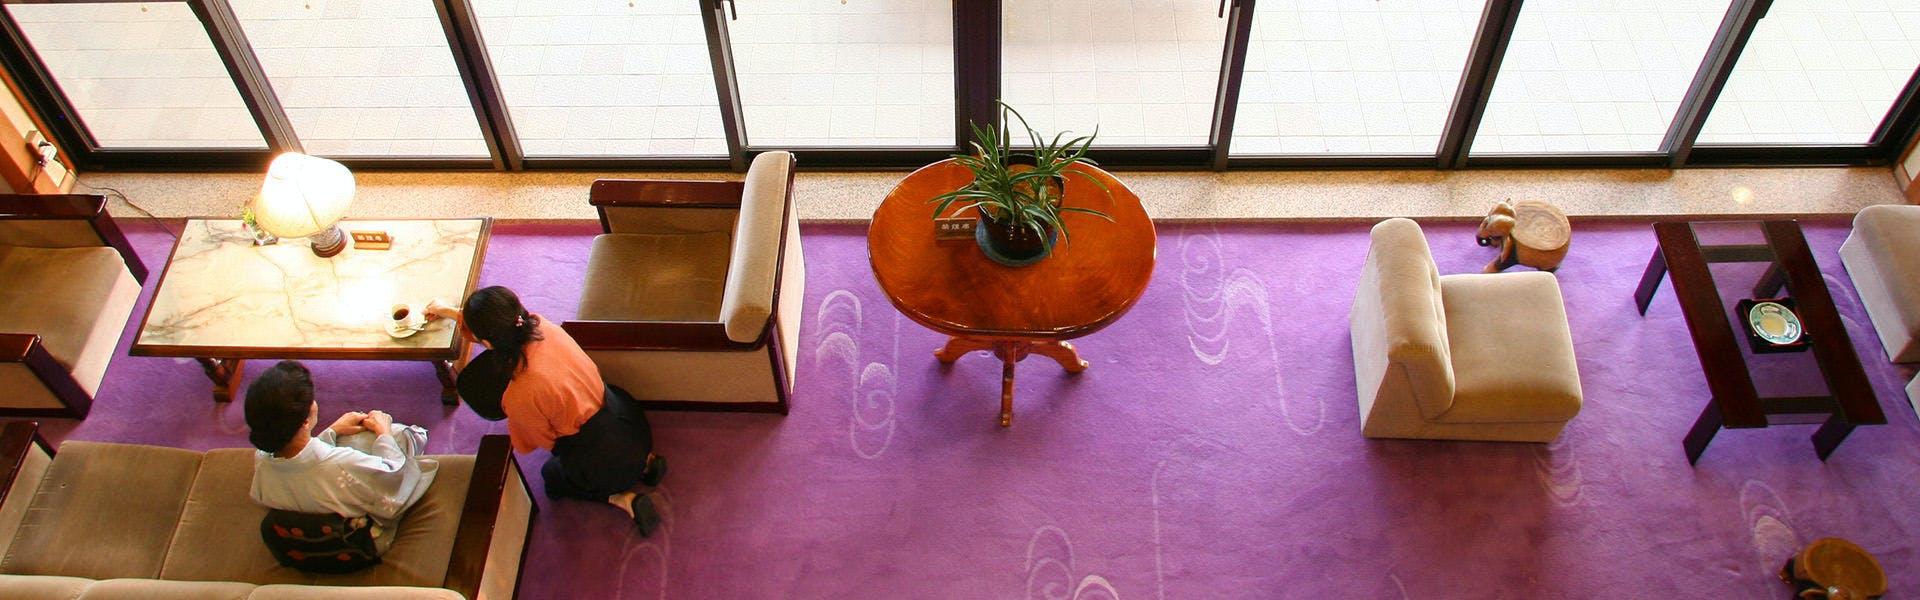 記念日におすすめのホテル・山鹿温泉 清流荘の写真2